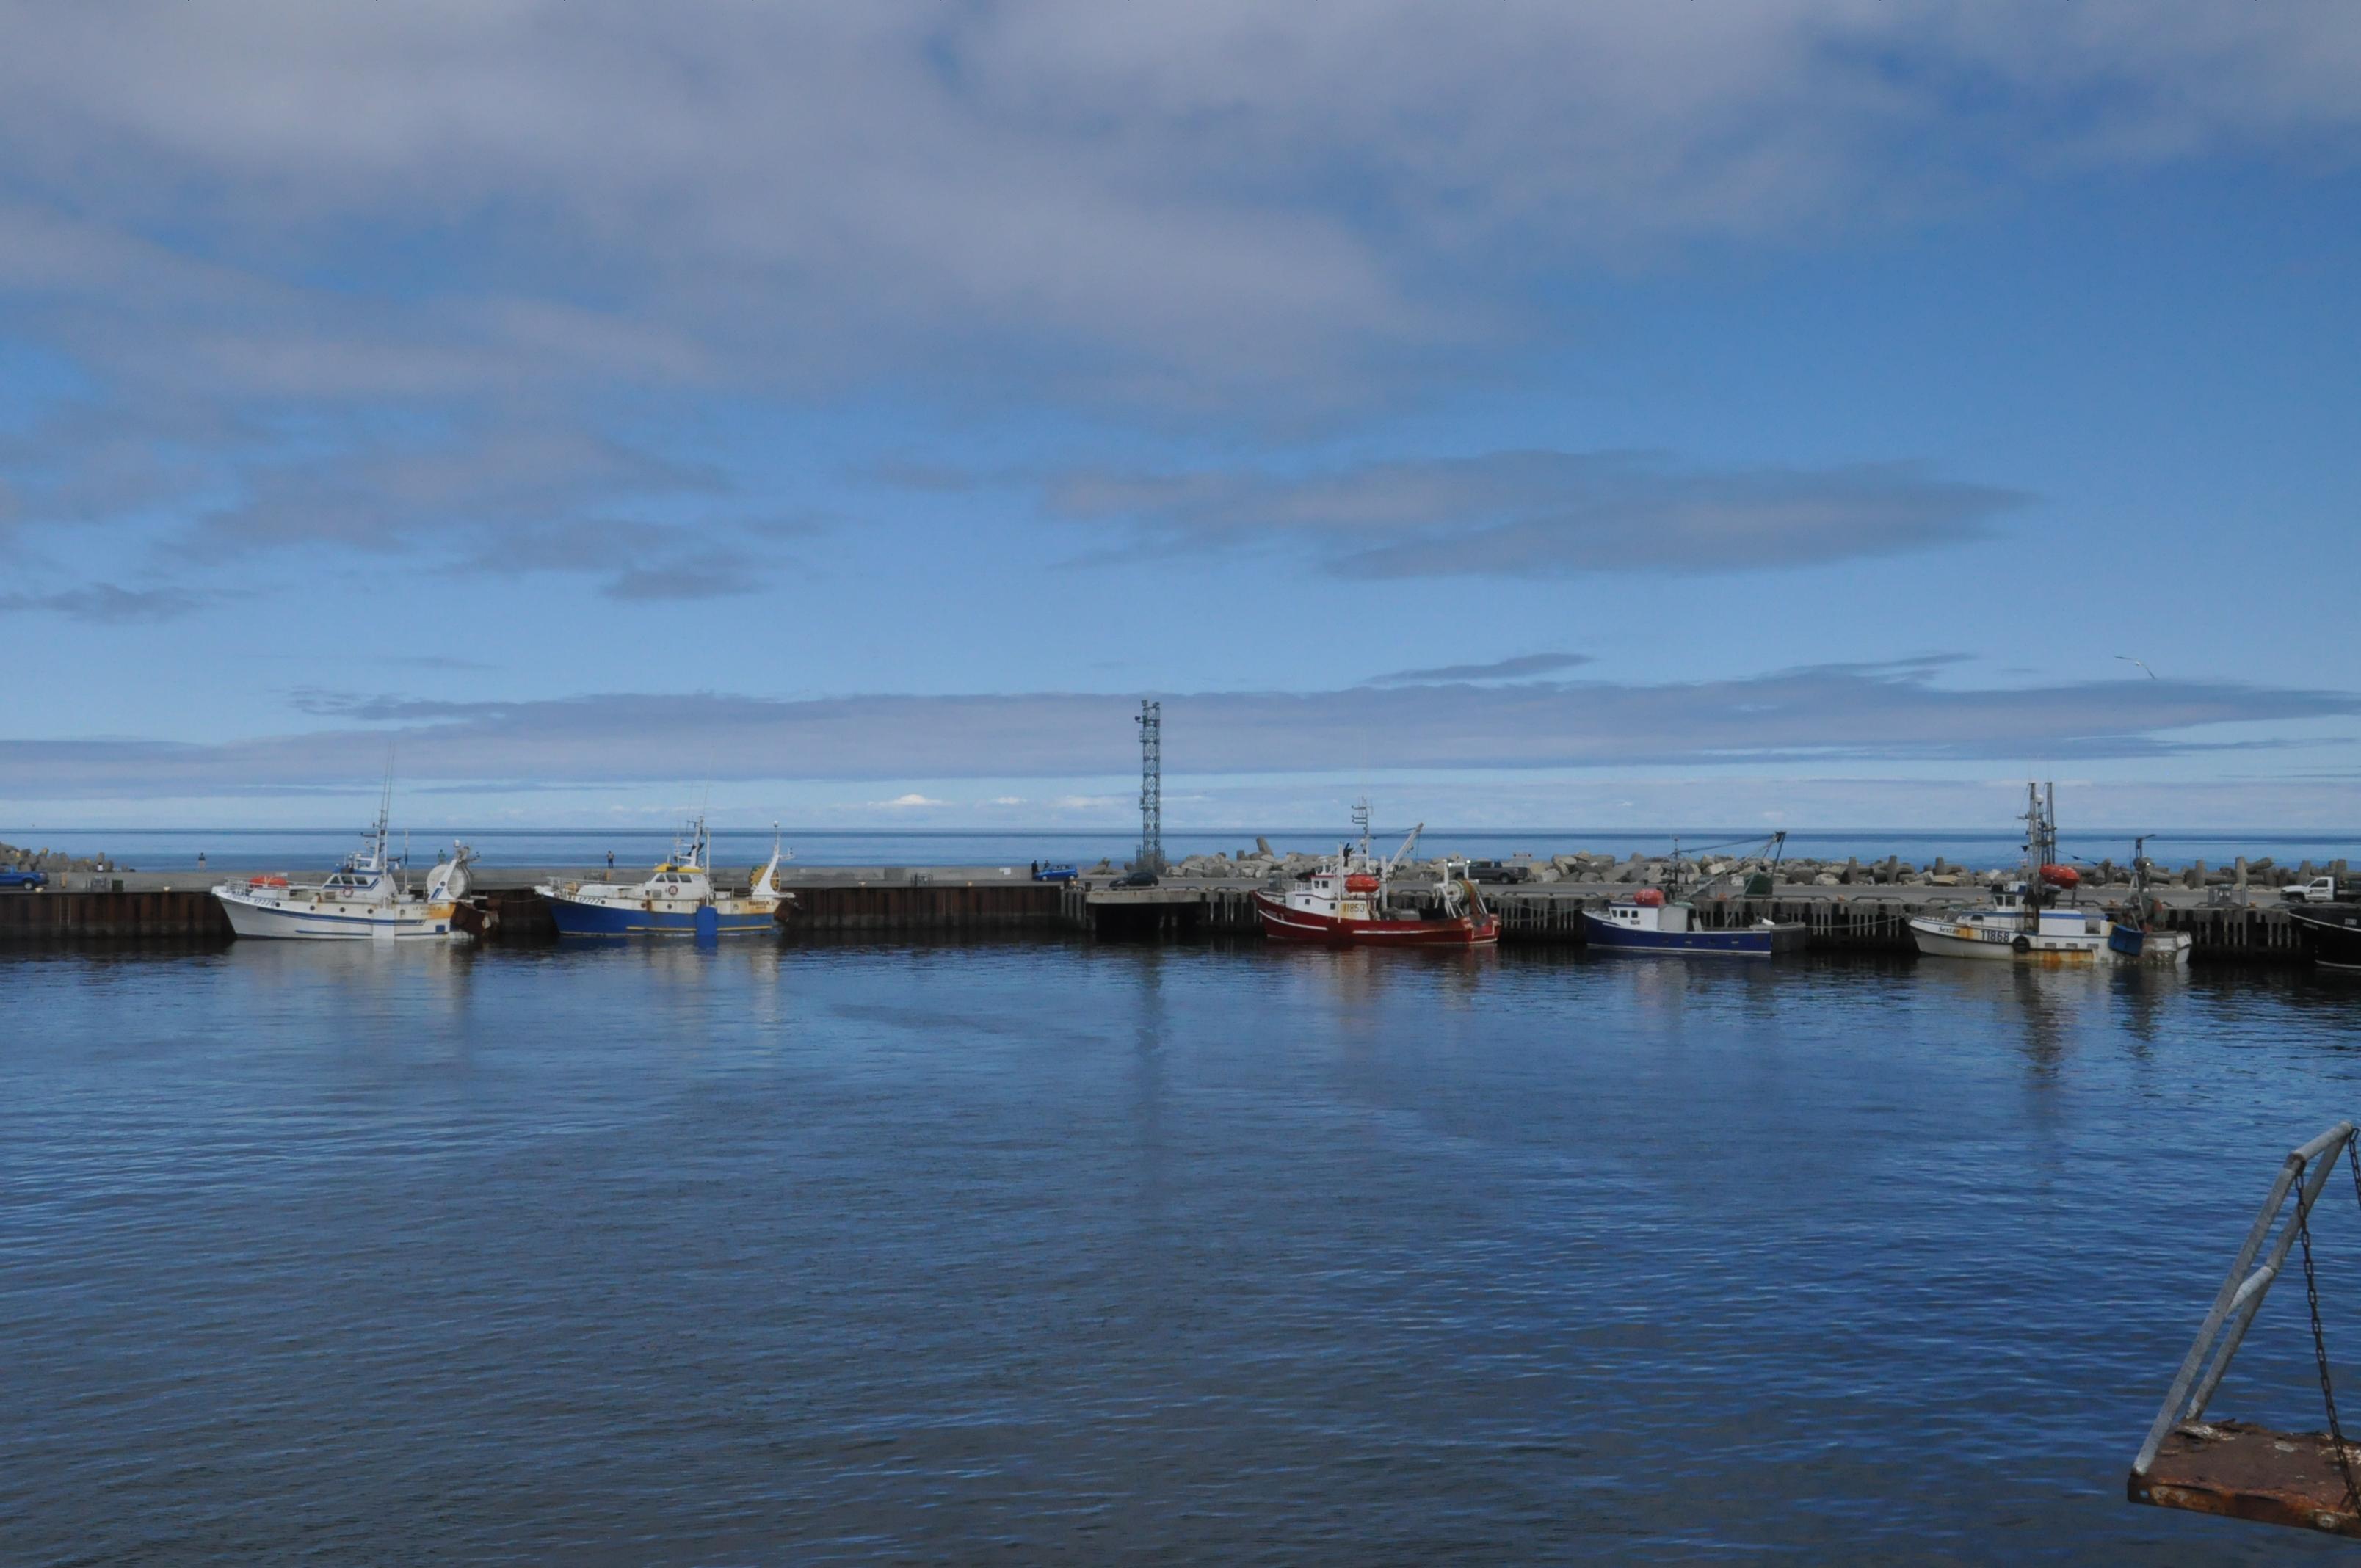 Pêche Quai Port Marina Bateaux